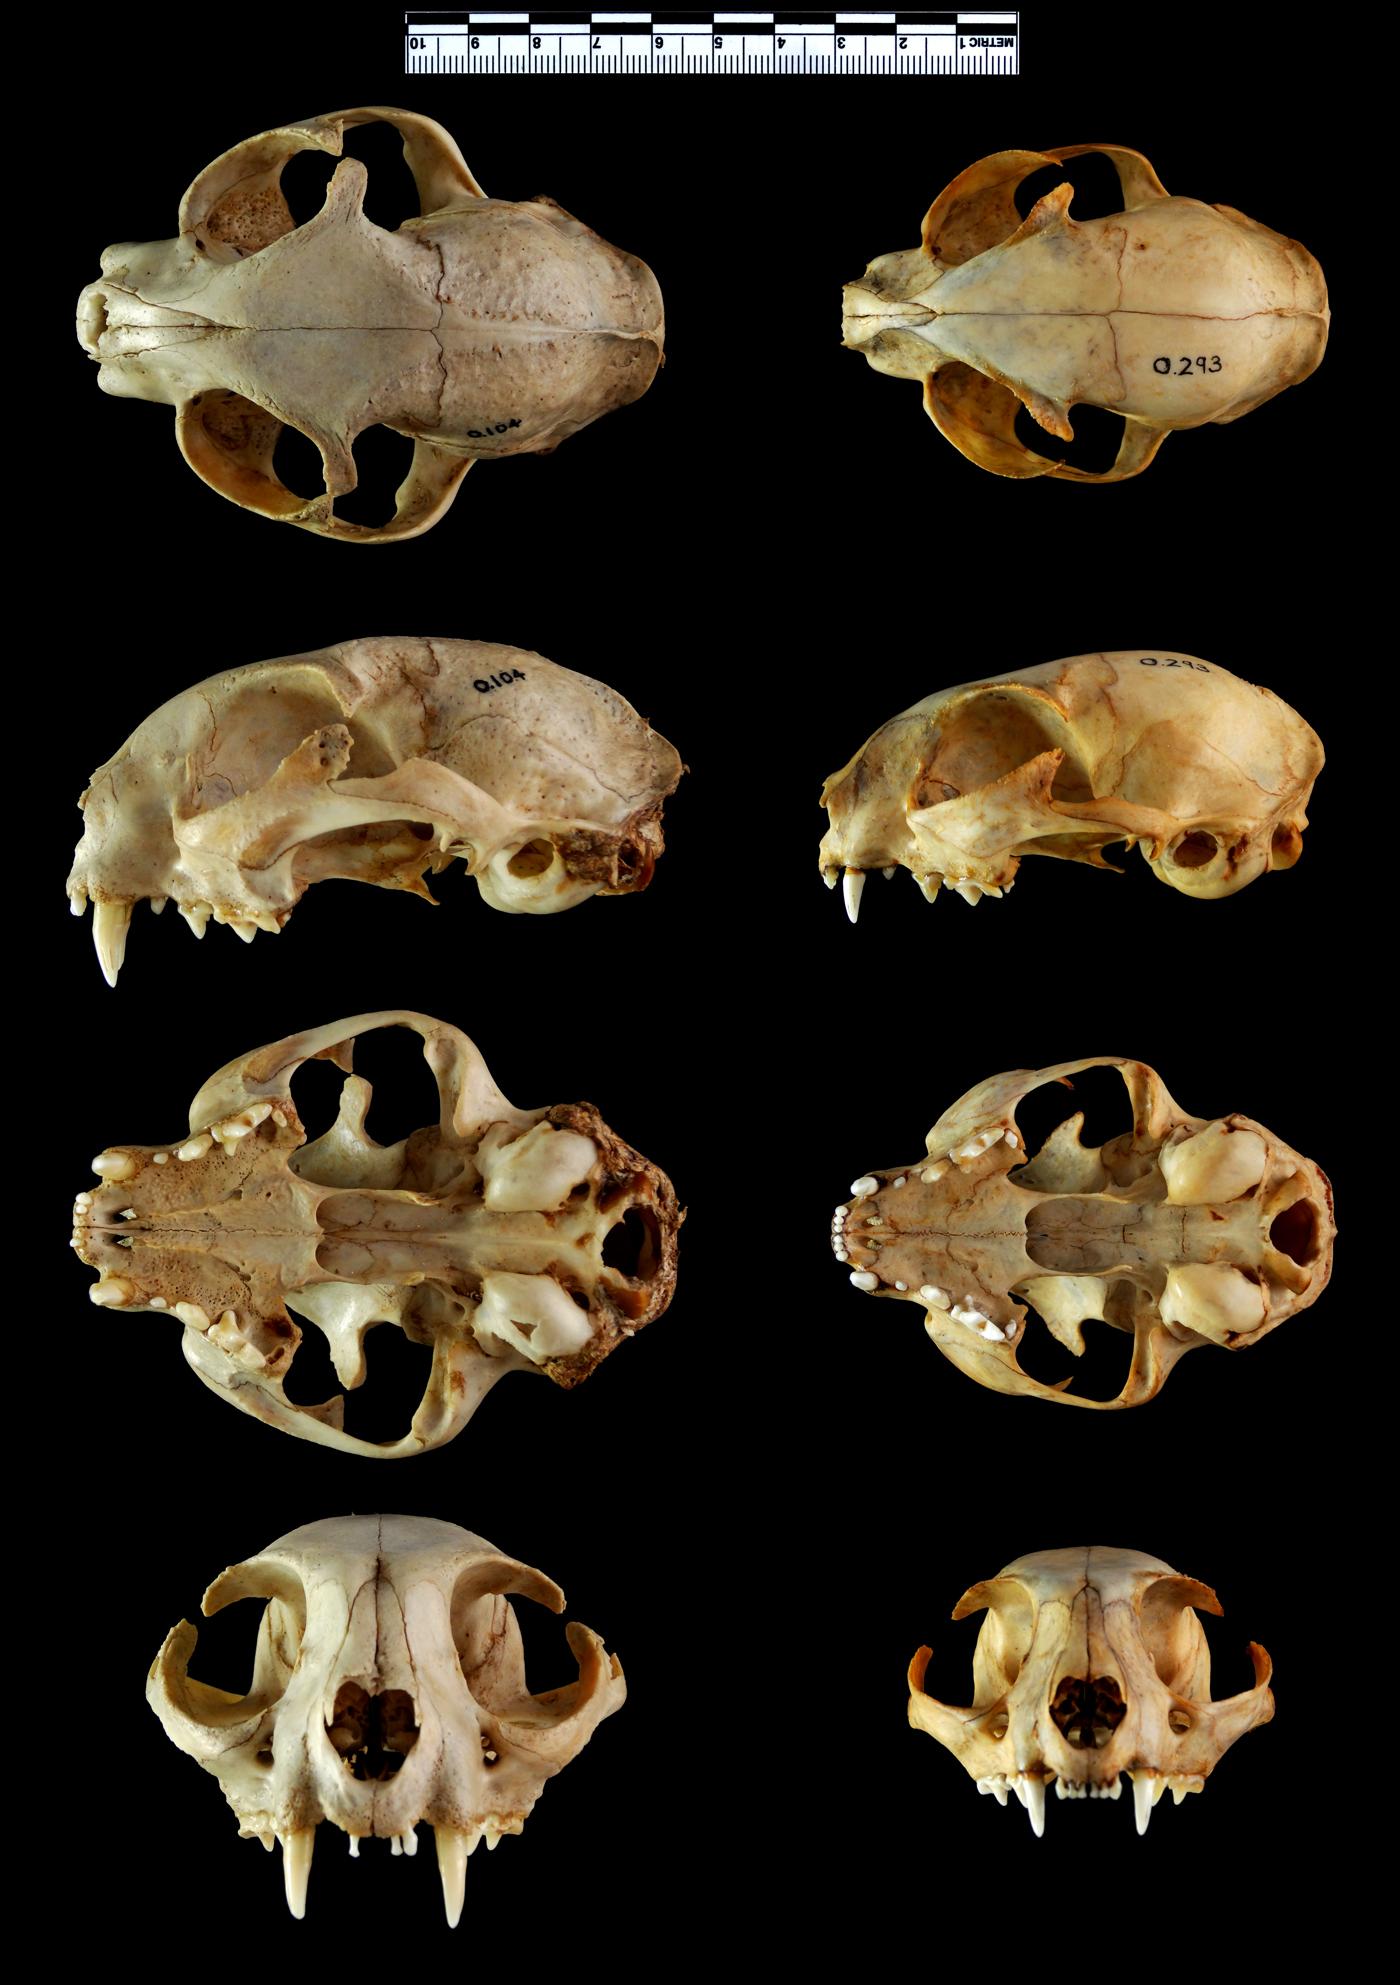 Big Cat Skull Identification